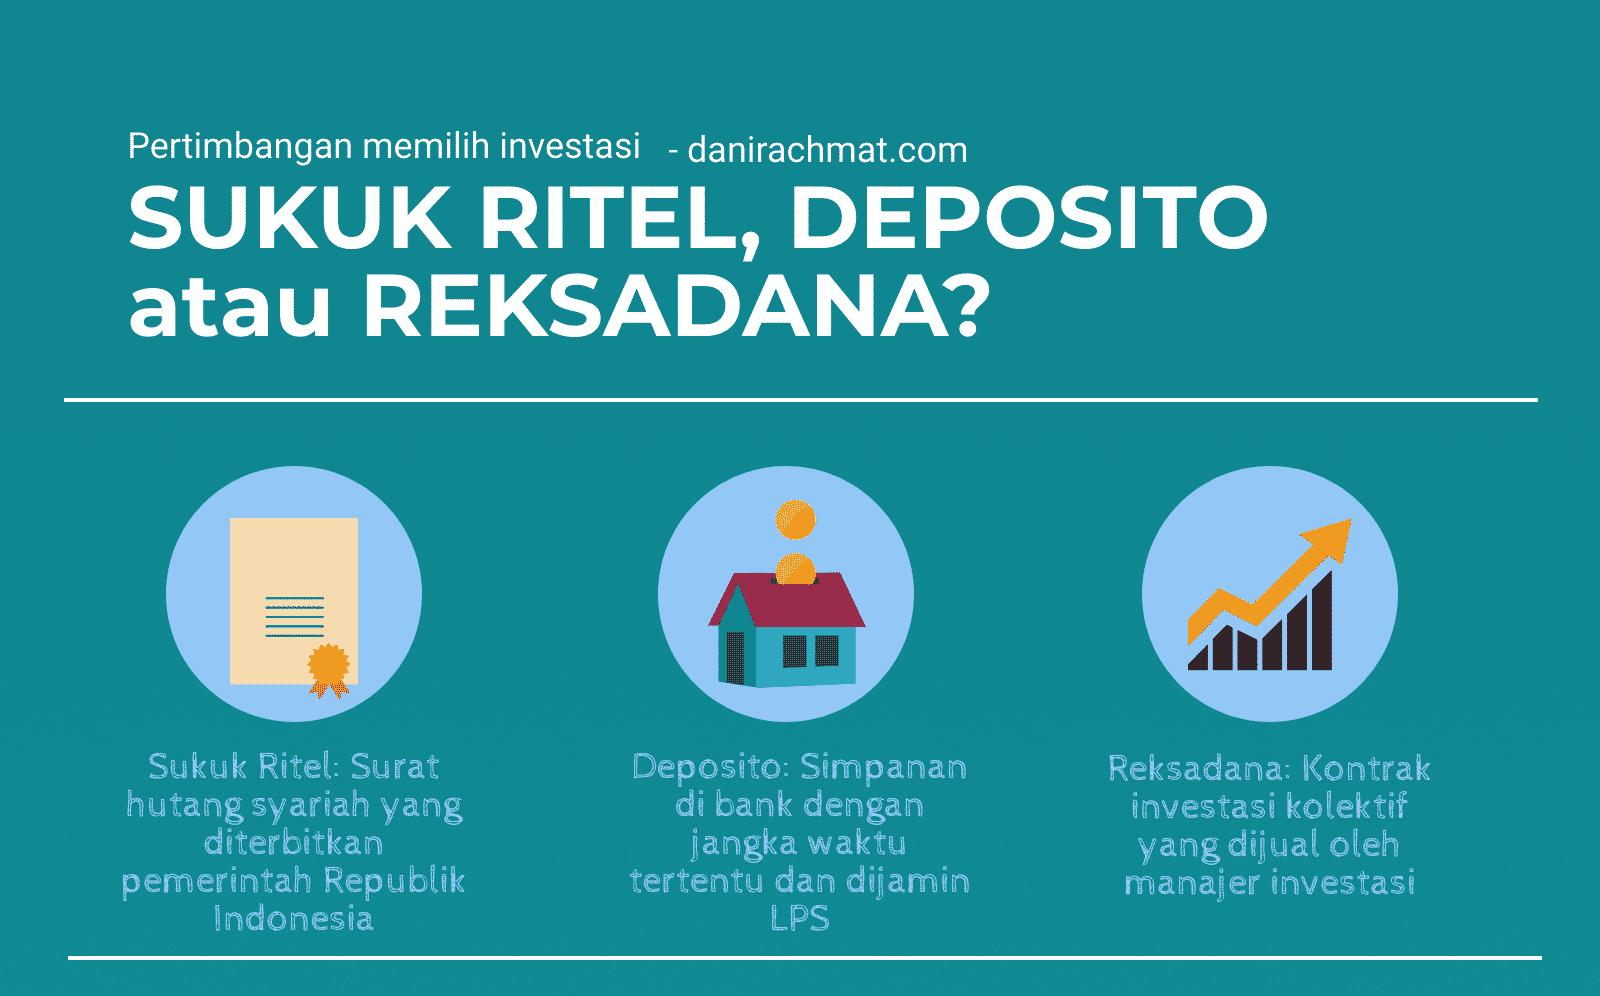 Investasi Obligasi Ritel, Deposito atau Reksa Dana Pasar Uang?